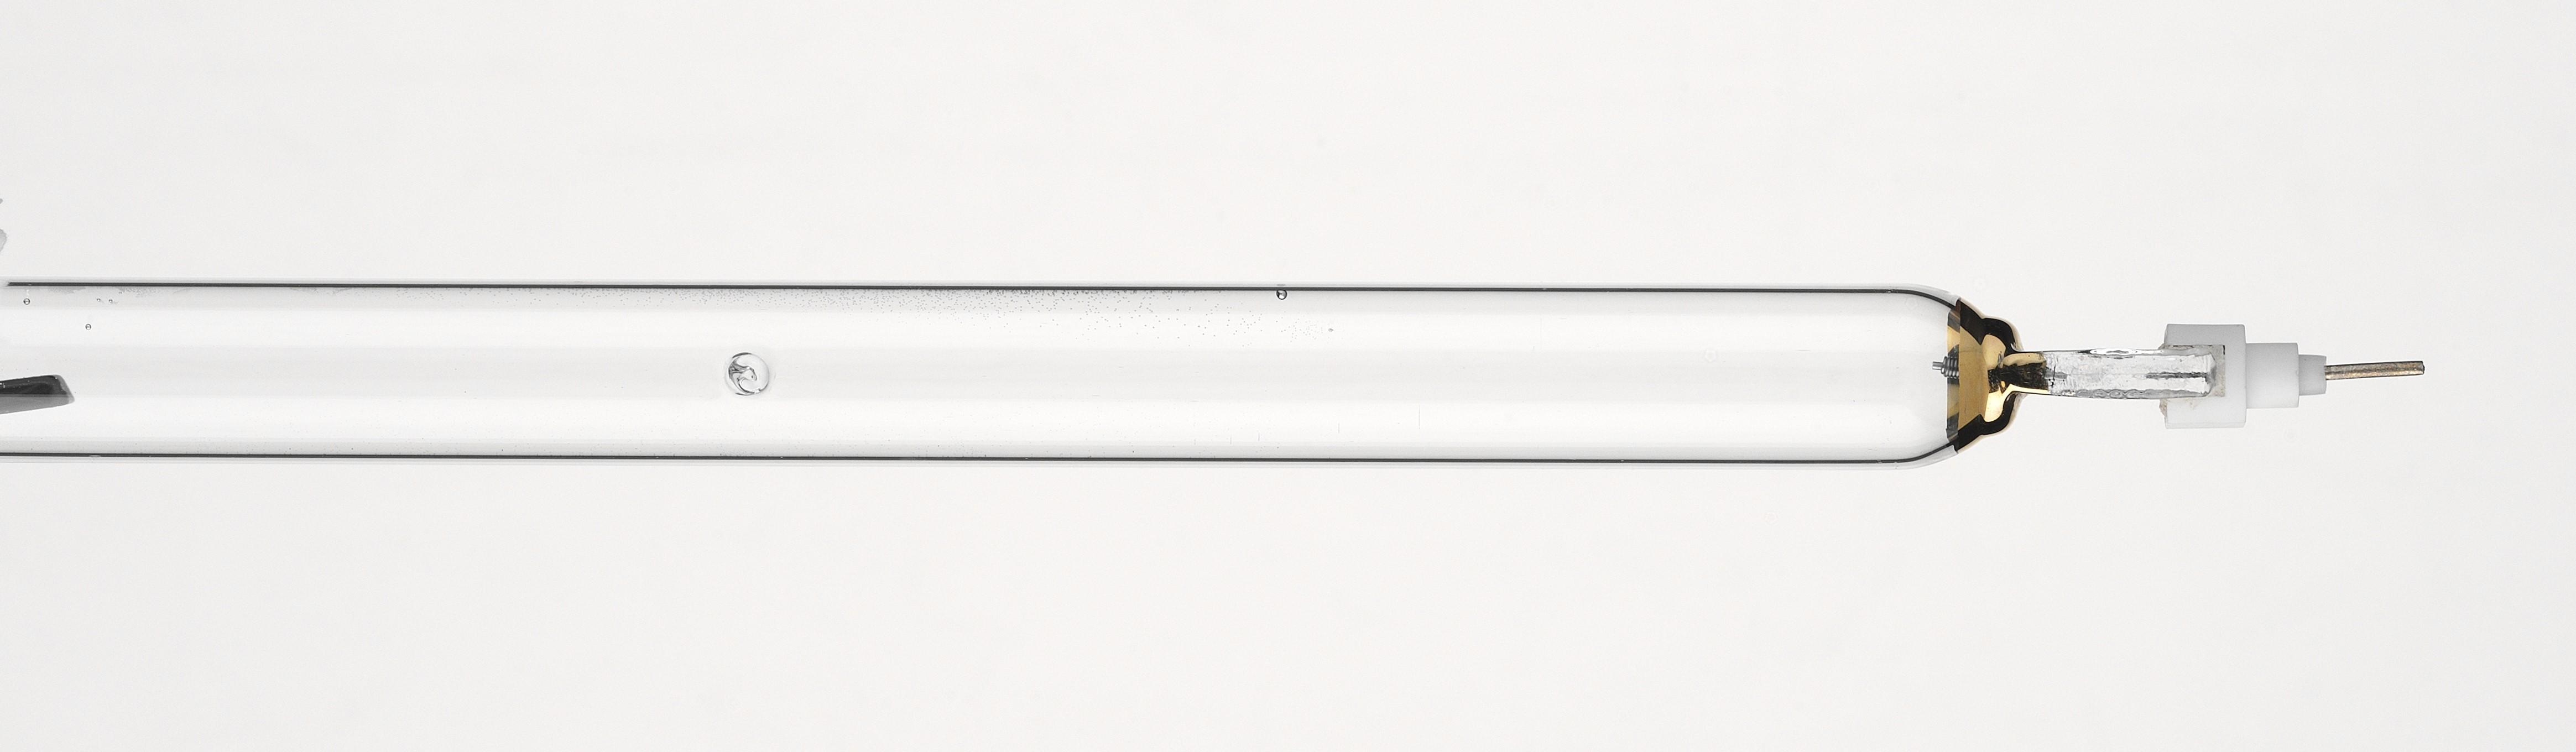 Mitteldrucklampen Helios Quecksilber Quecksilber Helios Quecksilber Mitteldrucklampen Quartz Quartz Mitteldrucklampen Helios FJ1TlKc